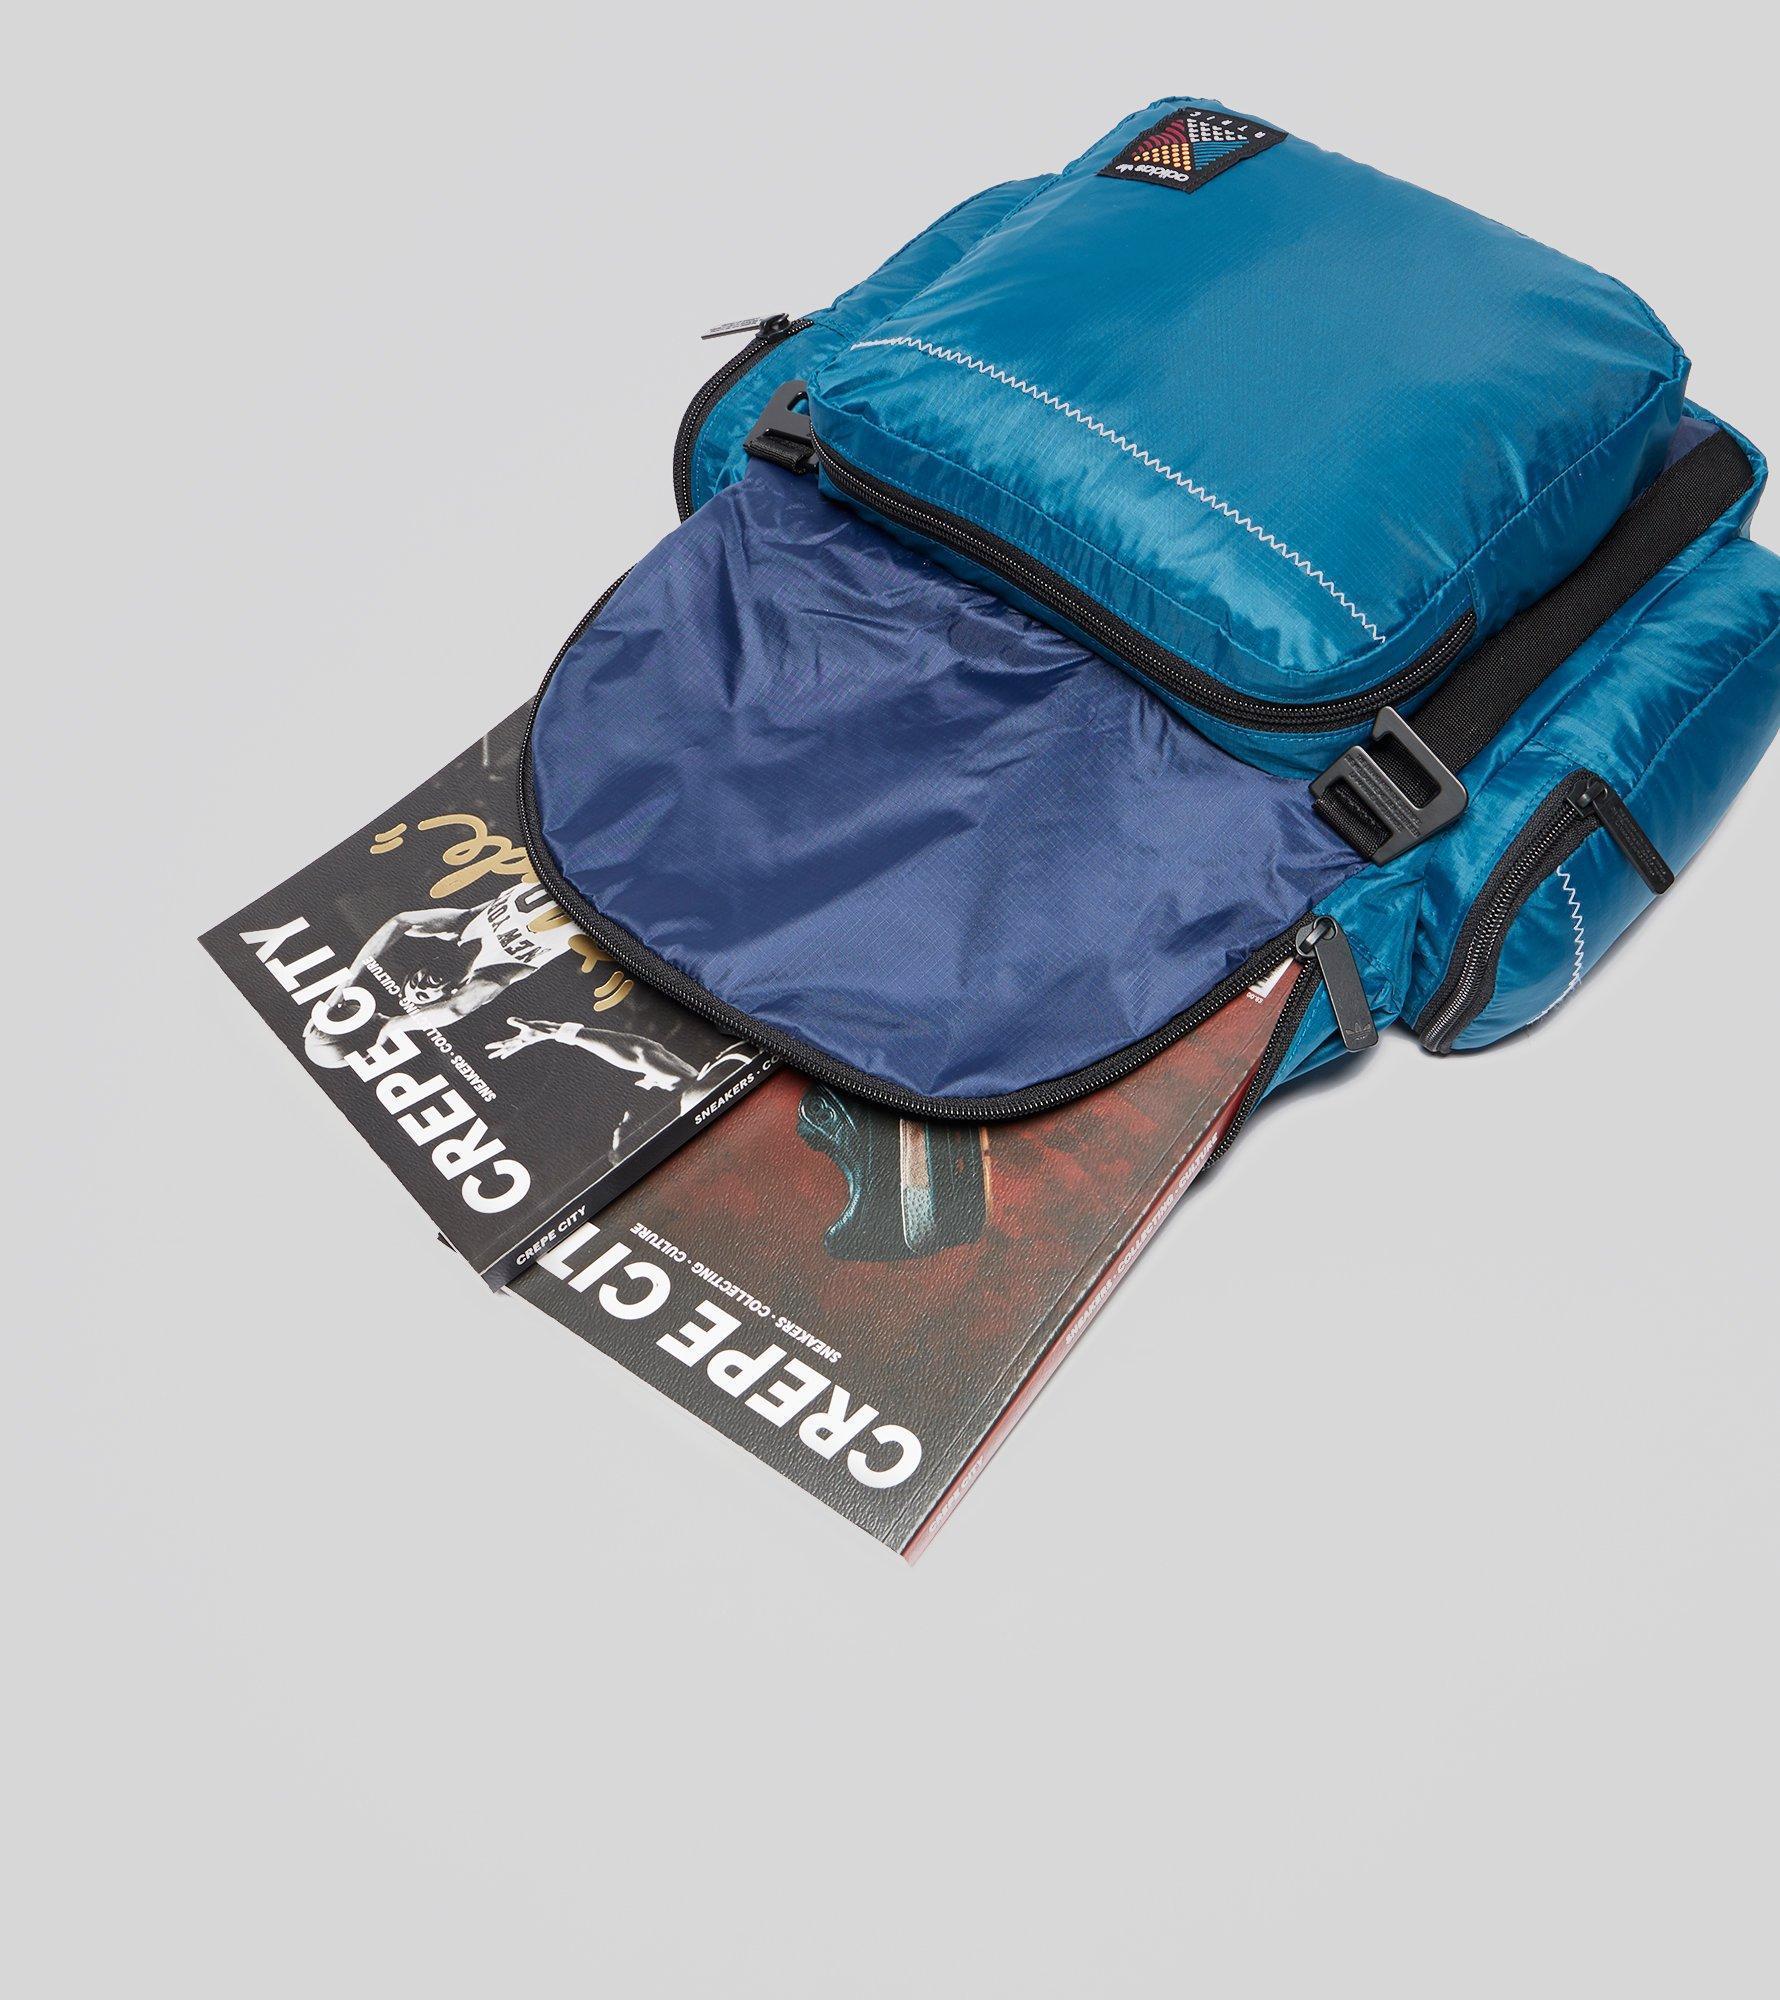 8142862b0c Lyst - adidas Originals Atric Backpack Medium in Blue for Men